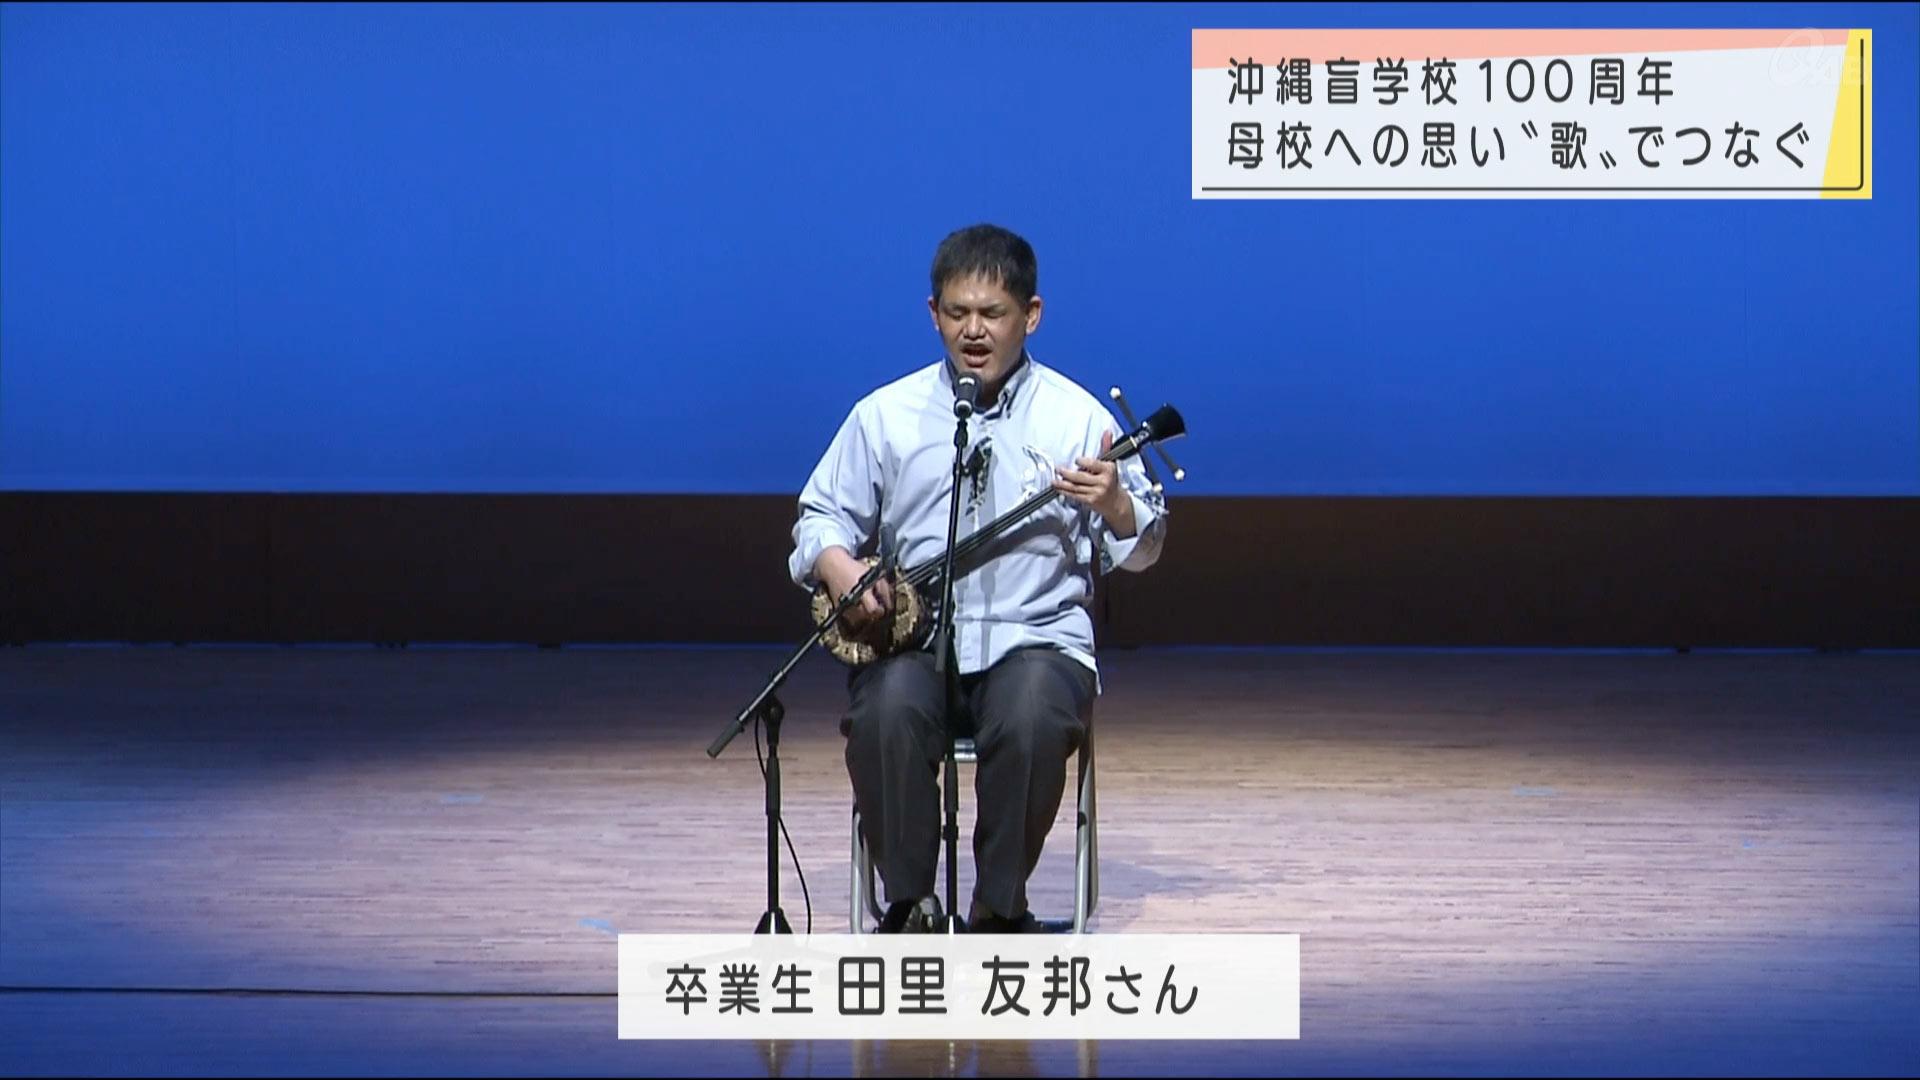 沖縄盲学校100周年チャリティコンサート